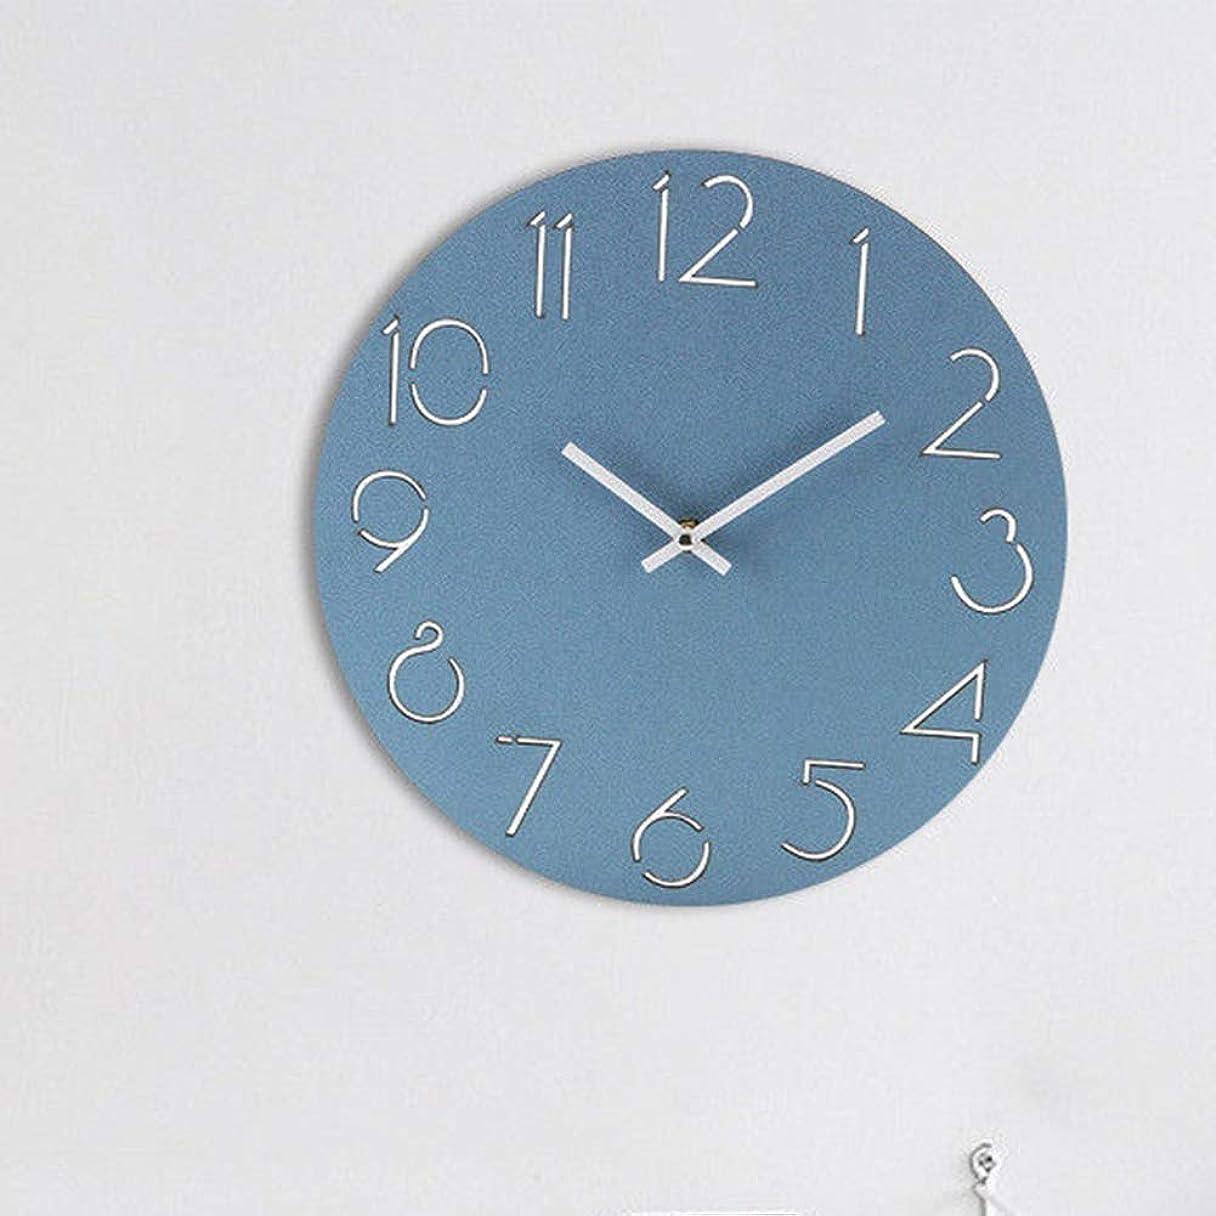 割合障害者違う壁掛け時計12